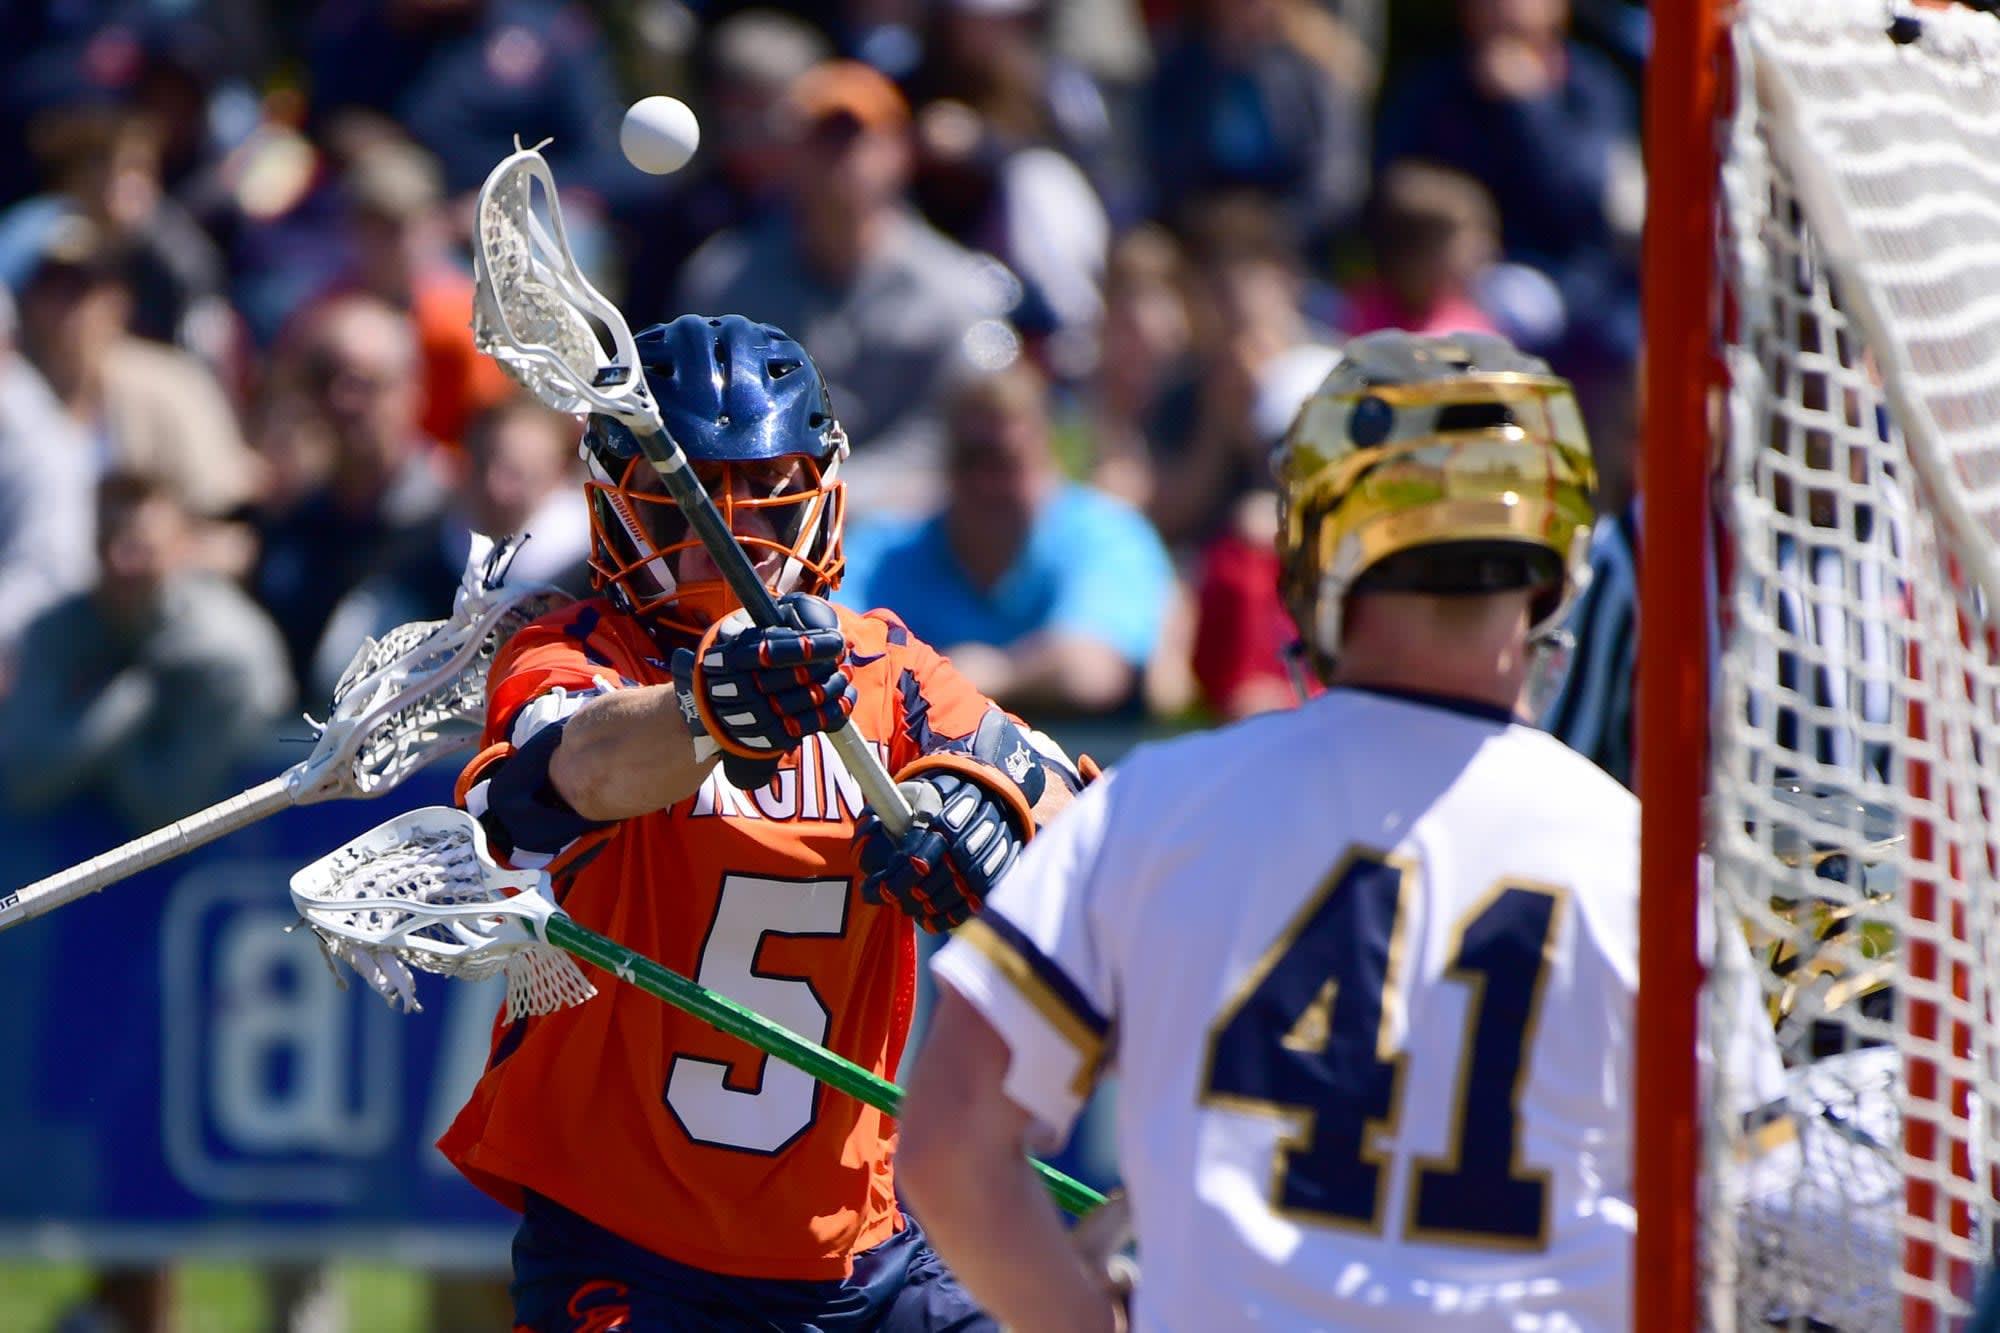 ncaa d1 men's lacrosse pick-it challemge